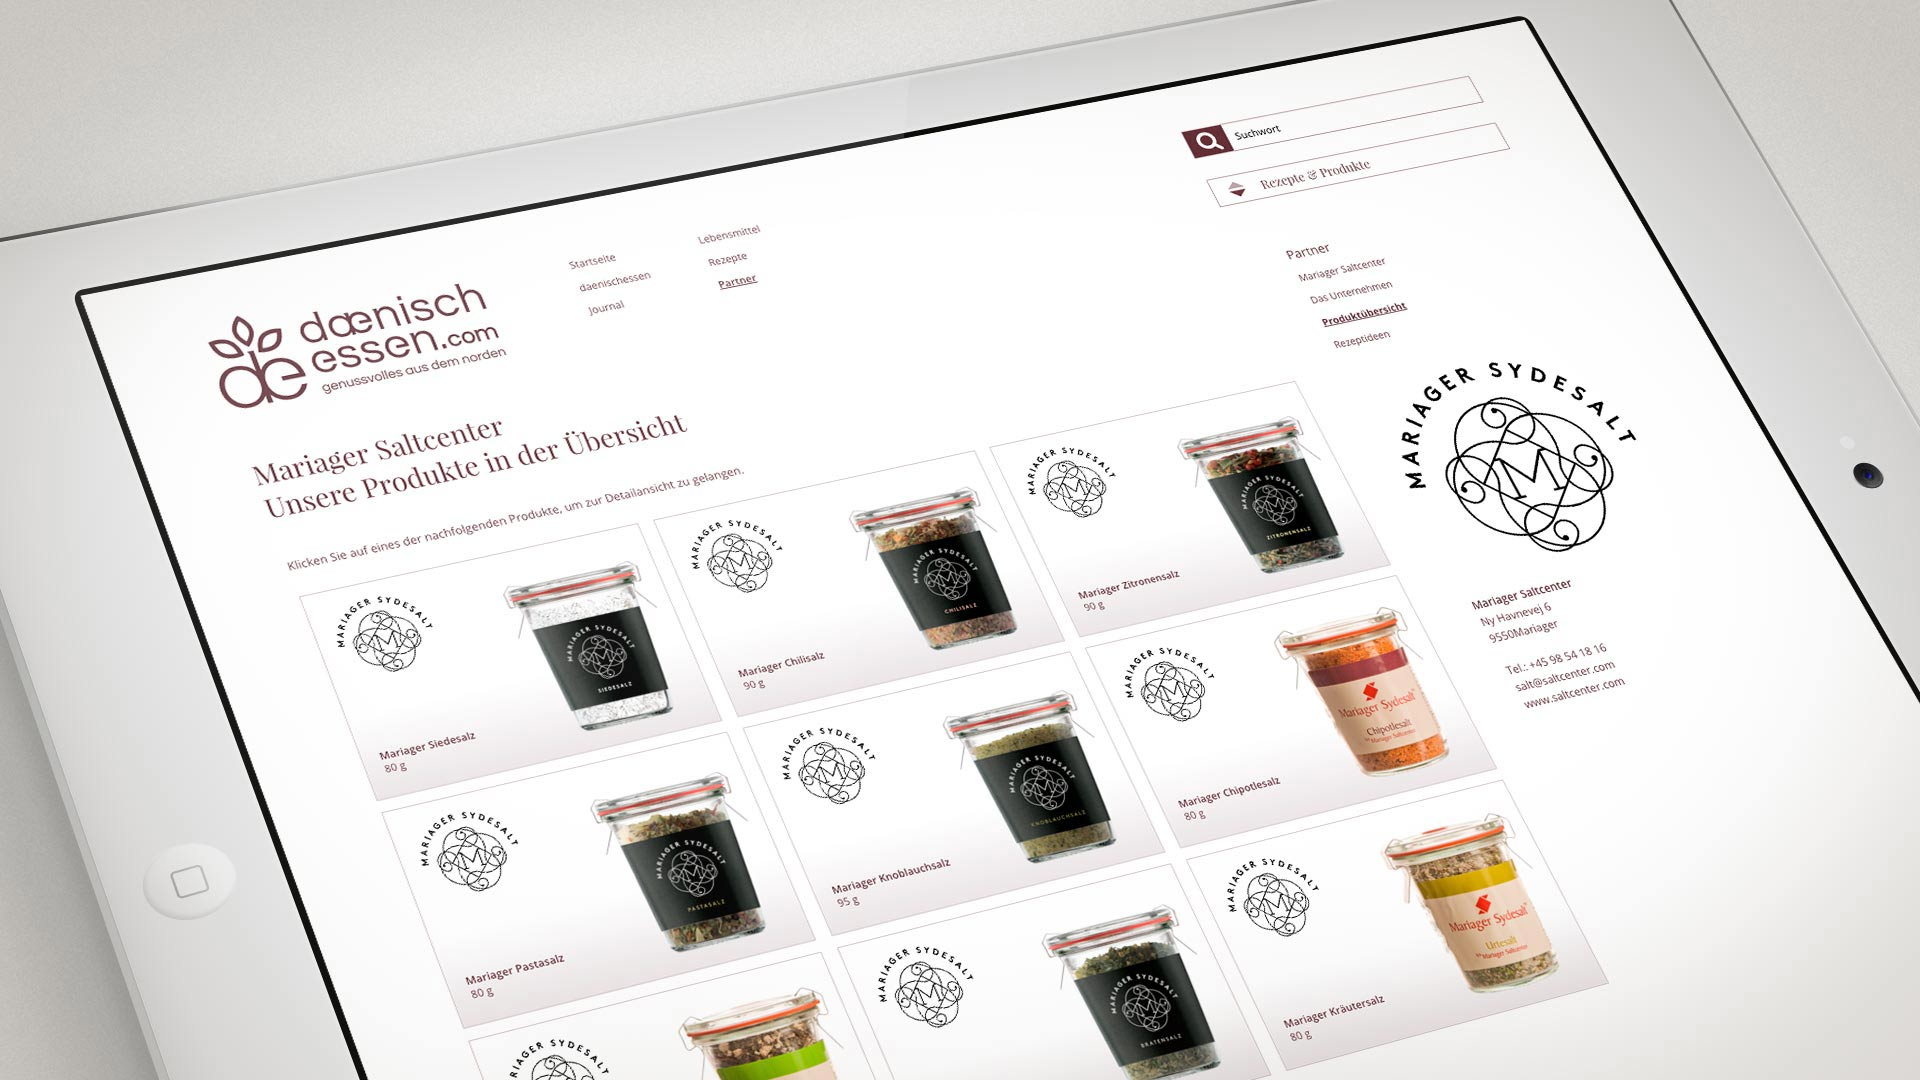 artventura-Projekt daenischessen.com:Lieferantenportal mit eigener Produktübersicht